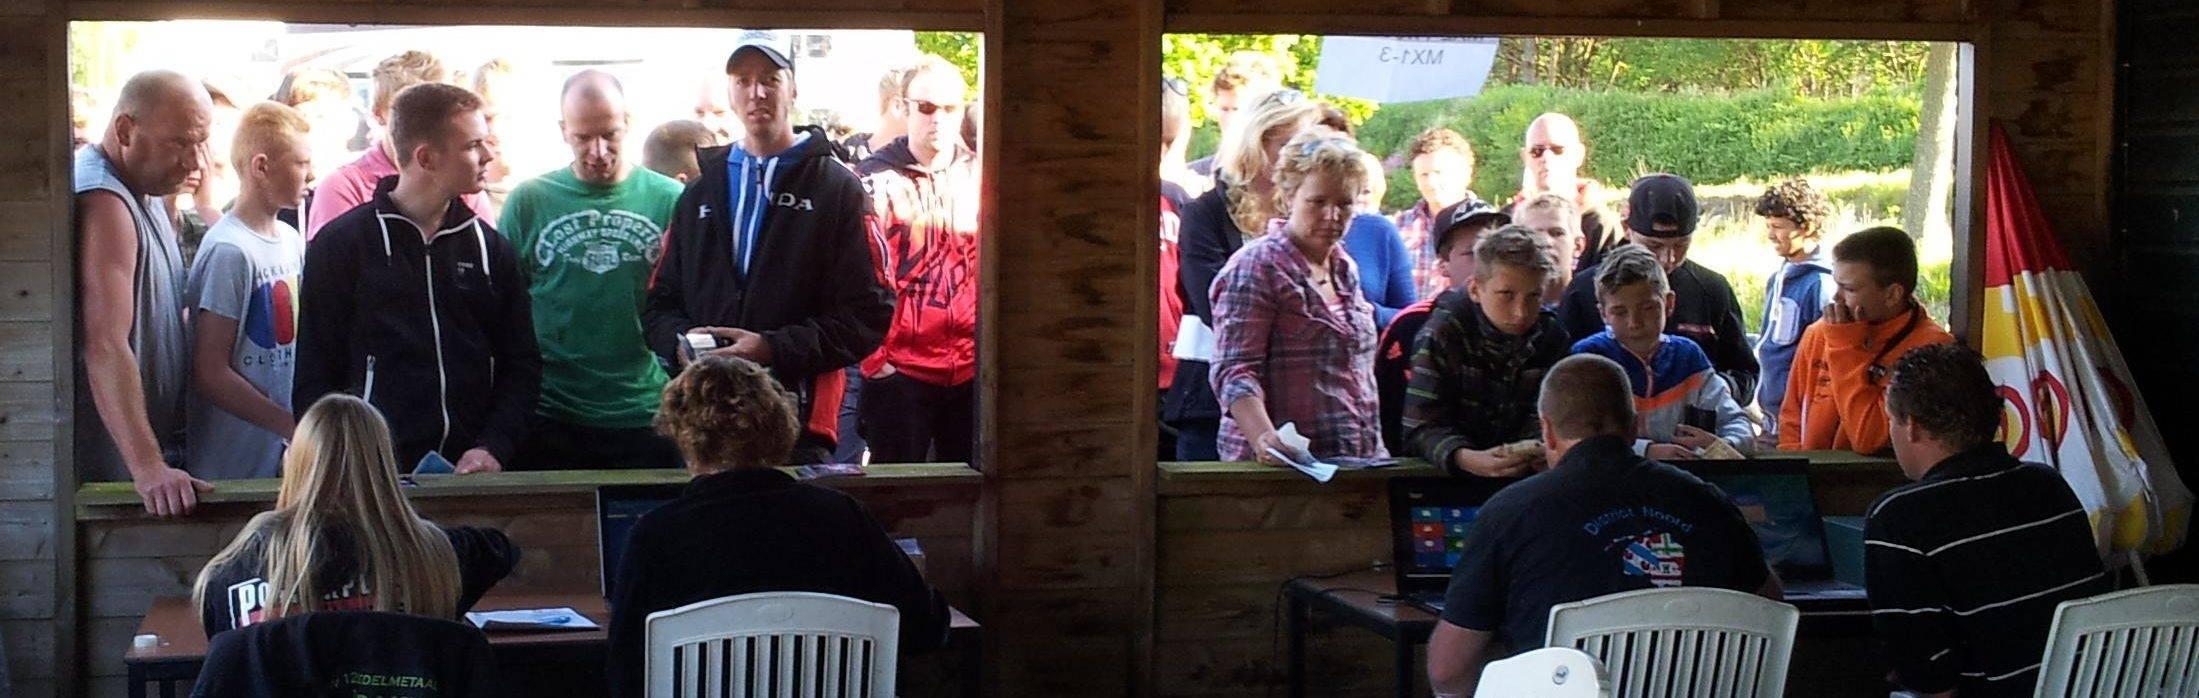 Deelnemers snel inchecken bij de inschrijftafel